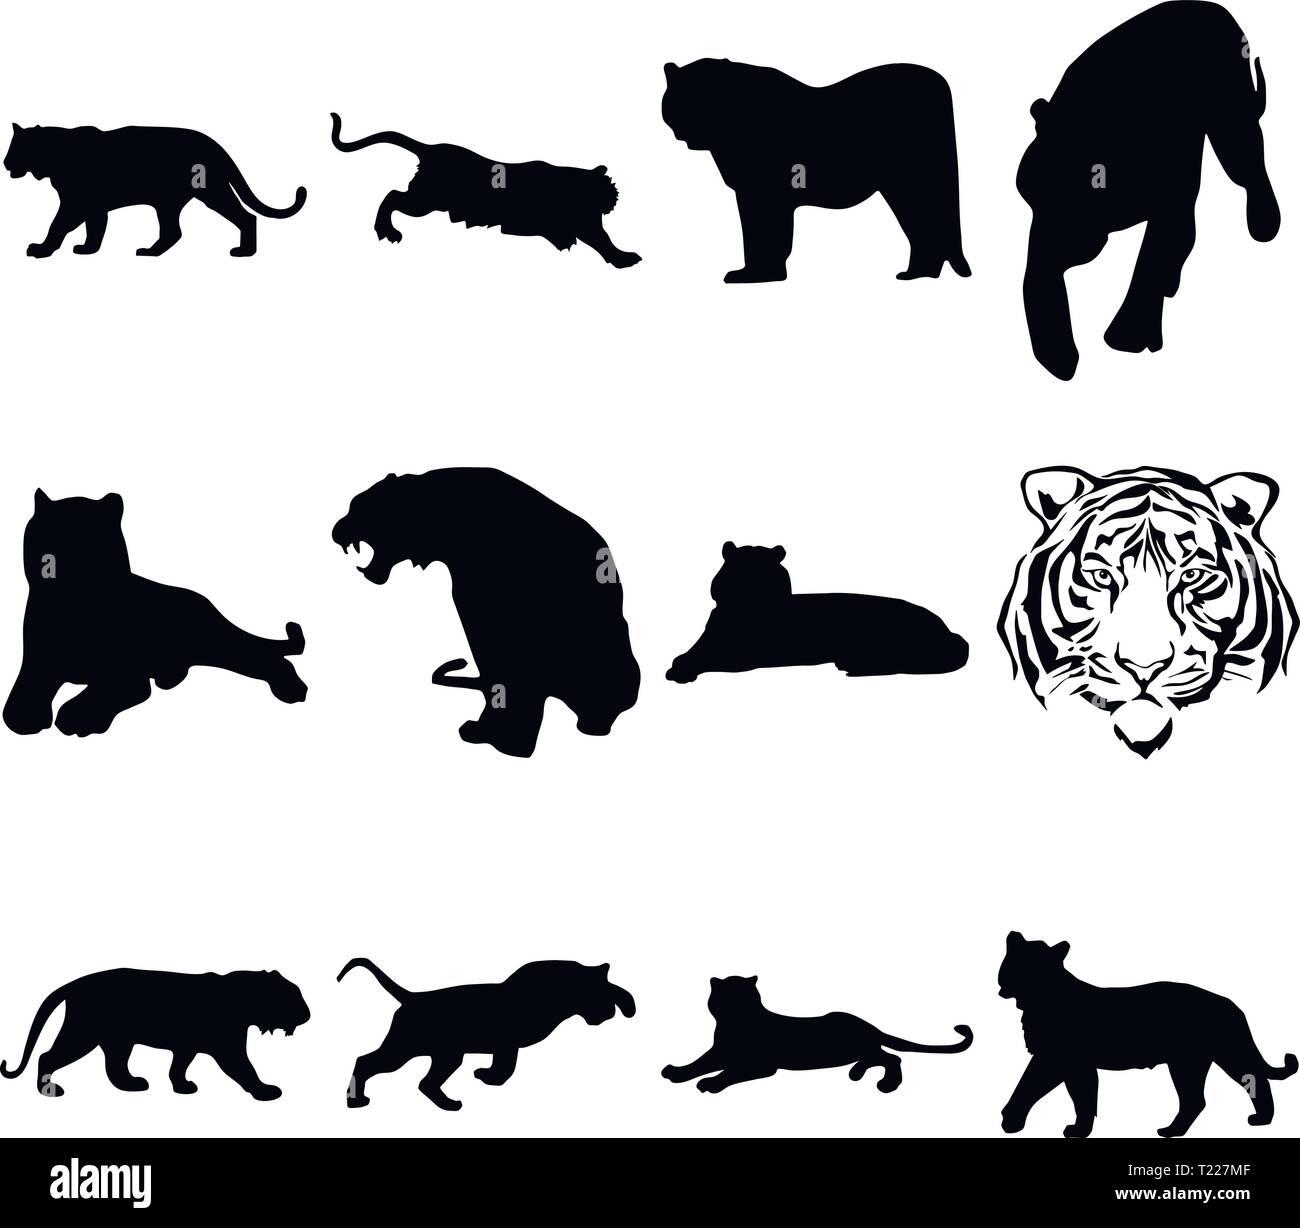 Une collection de silhouettes d'un tigre dans différentes positions Photo Stock